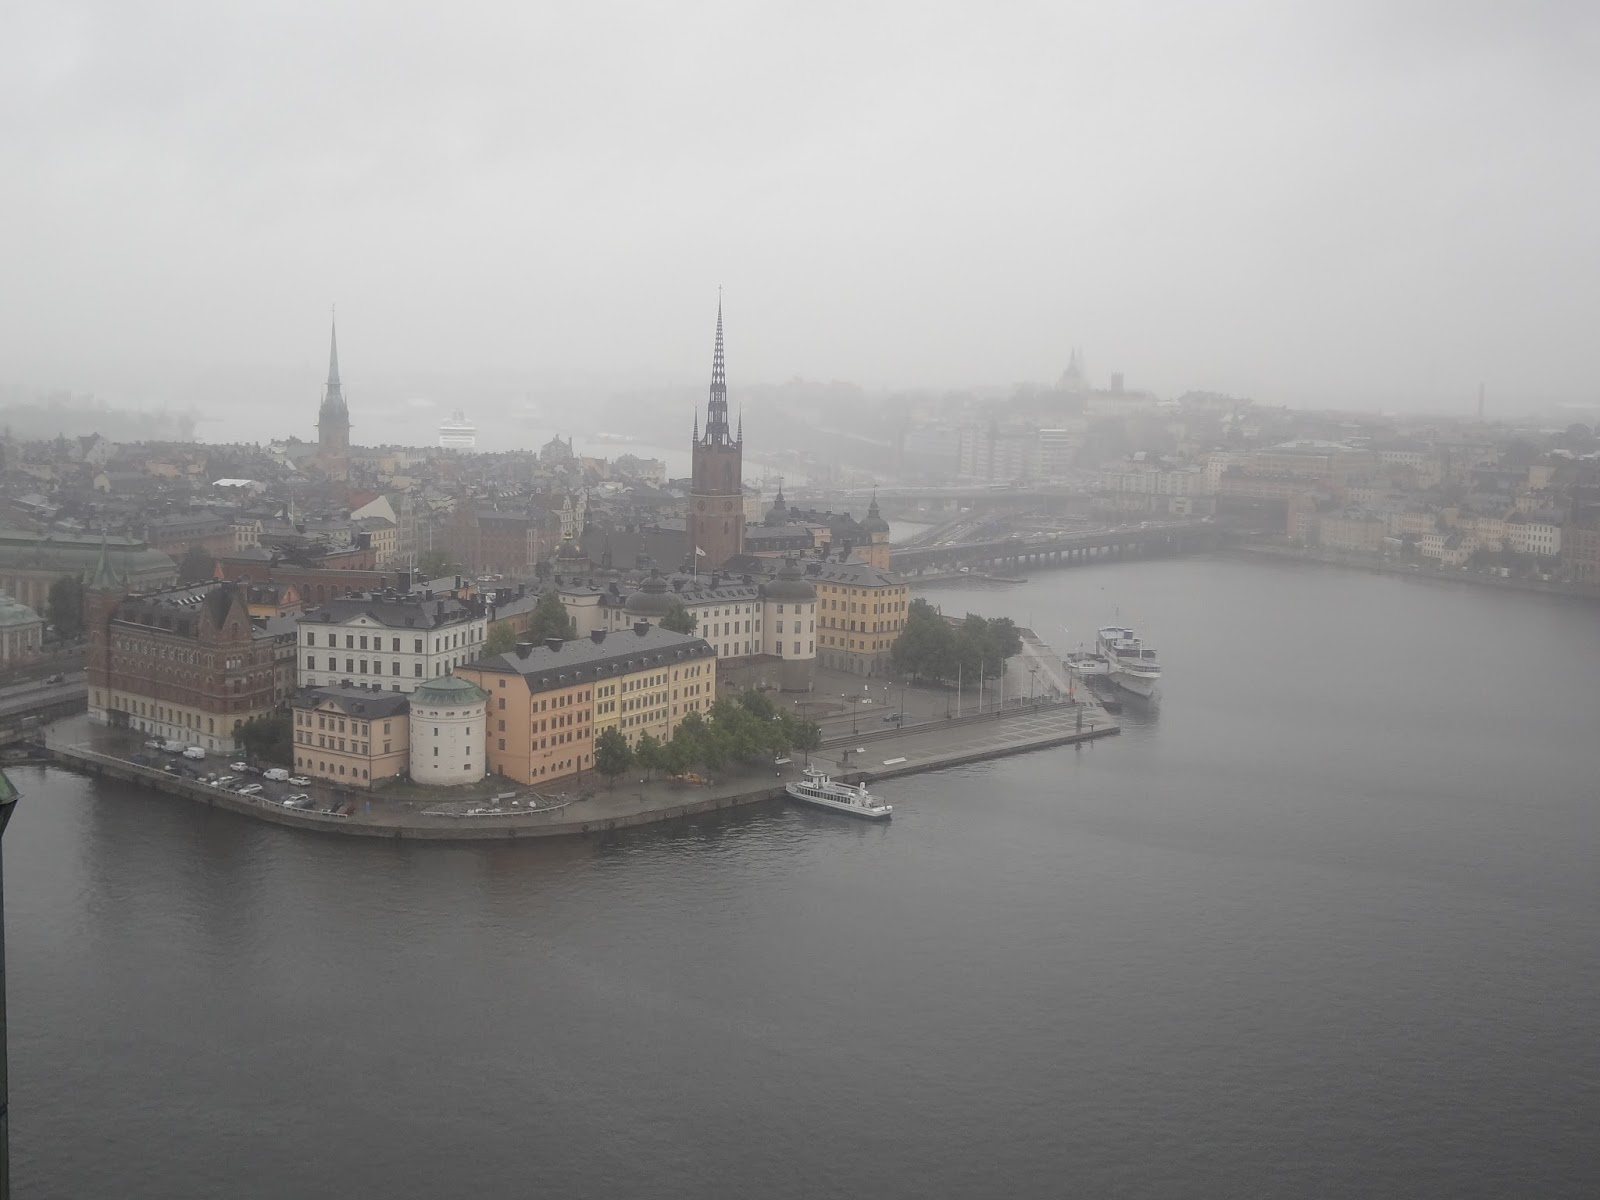 vue du haut de Stadshuset sur stockholm